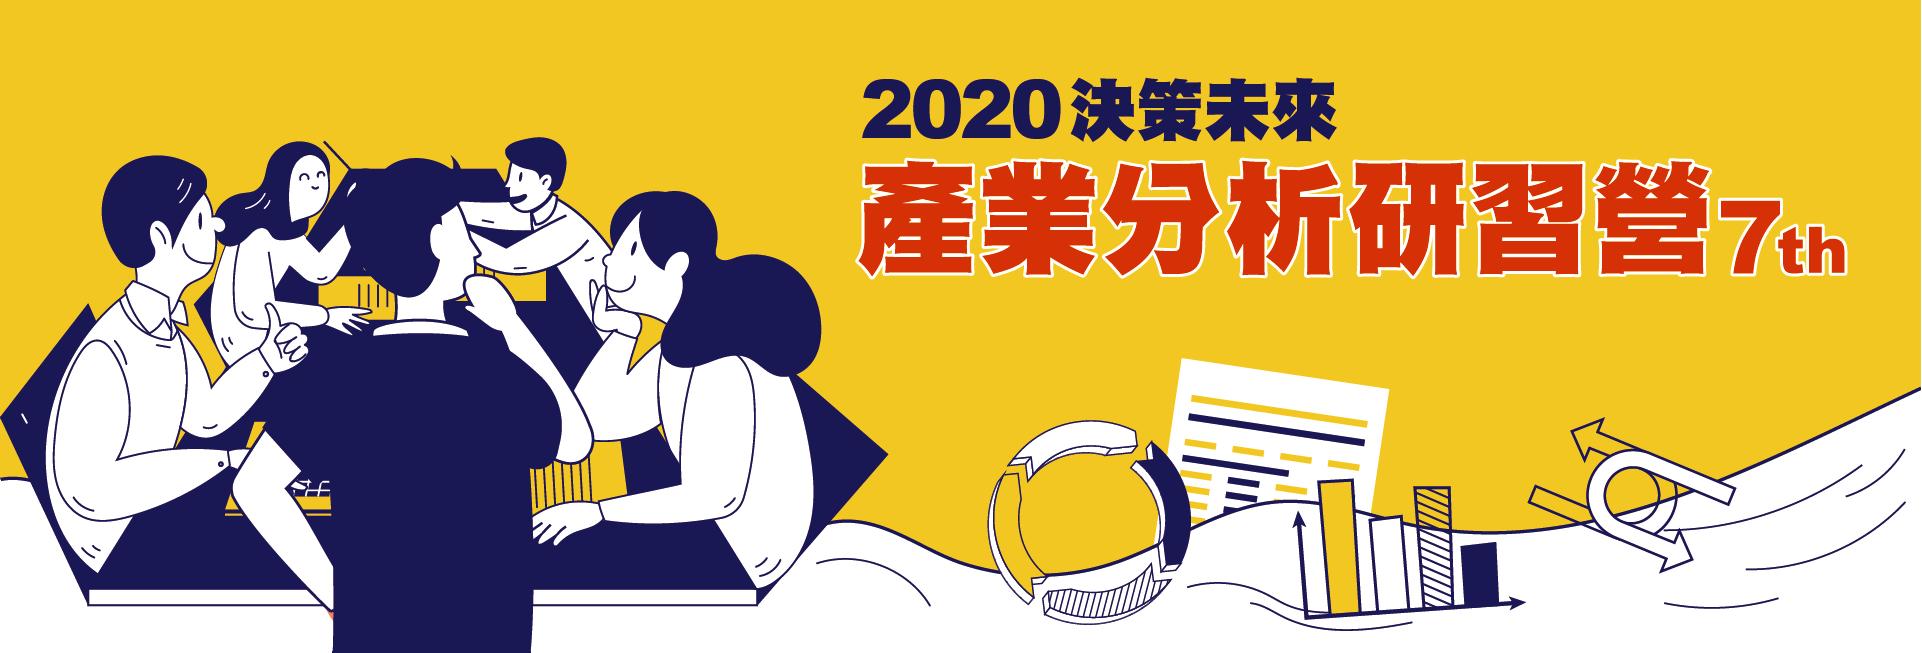 2020決策未來產業分析研習營 免費報名開跑囉! 限200人快來卡位!-2020決策未來產業分析研習營